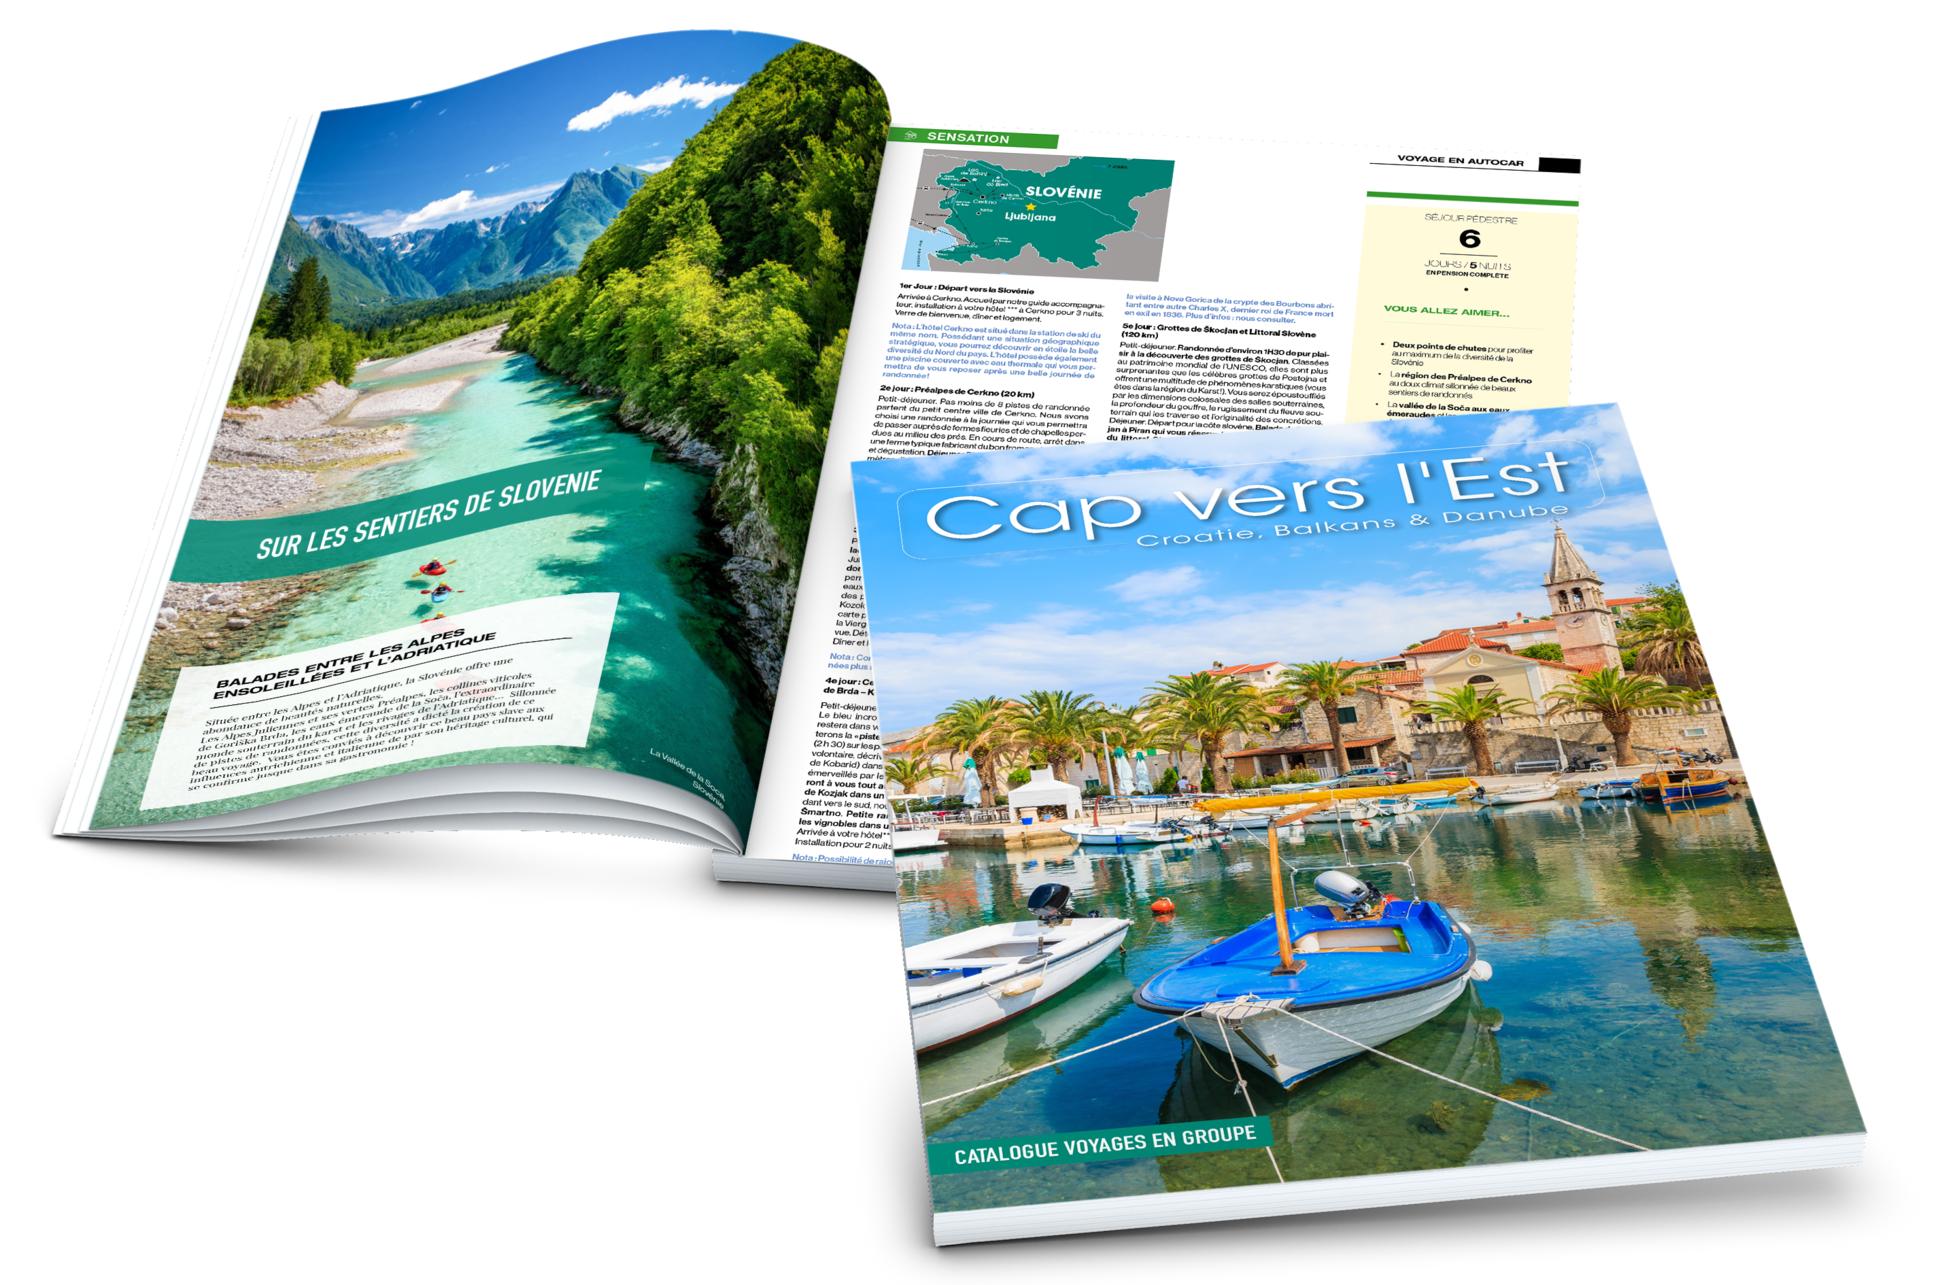 Réceptif Croatie, Cap Vers l'Est, catalogue, brochure, voyages en groupe, Croatie, Balkans, Danube